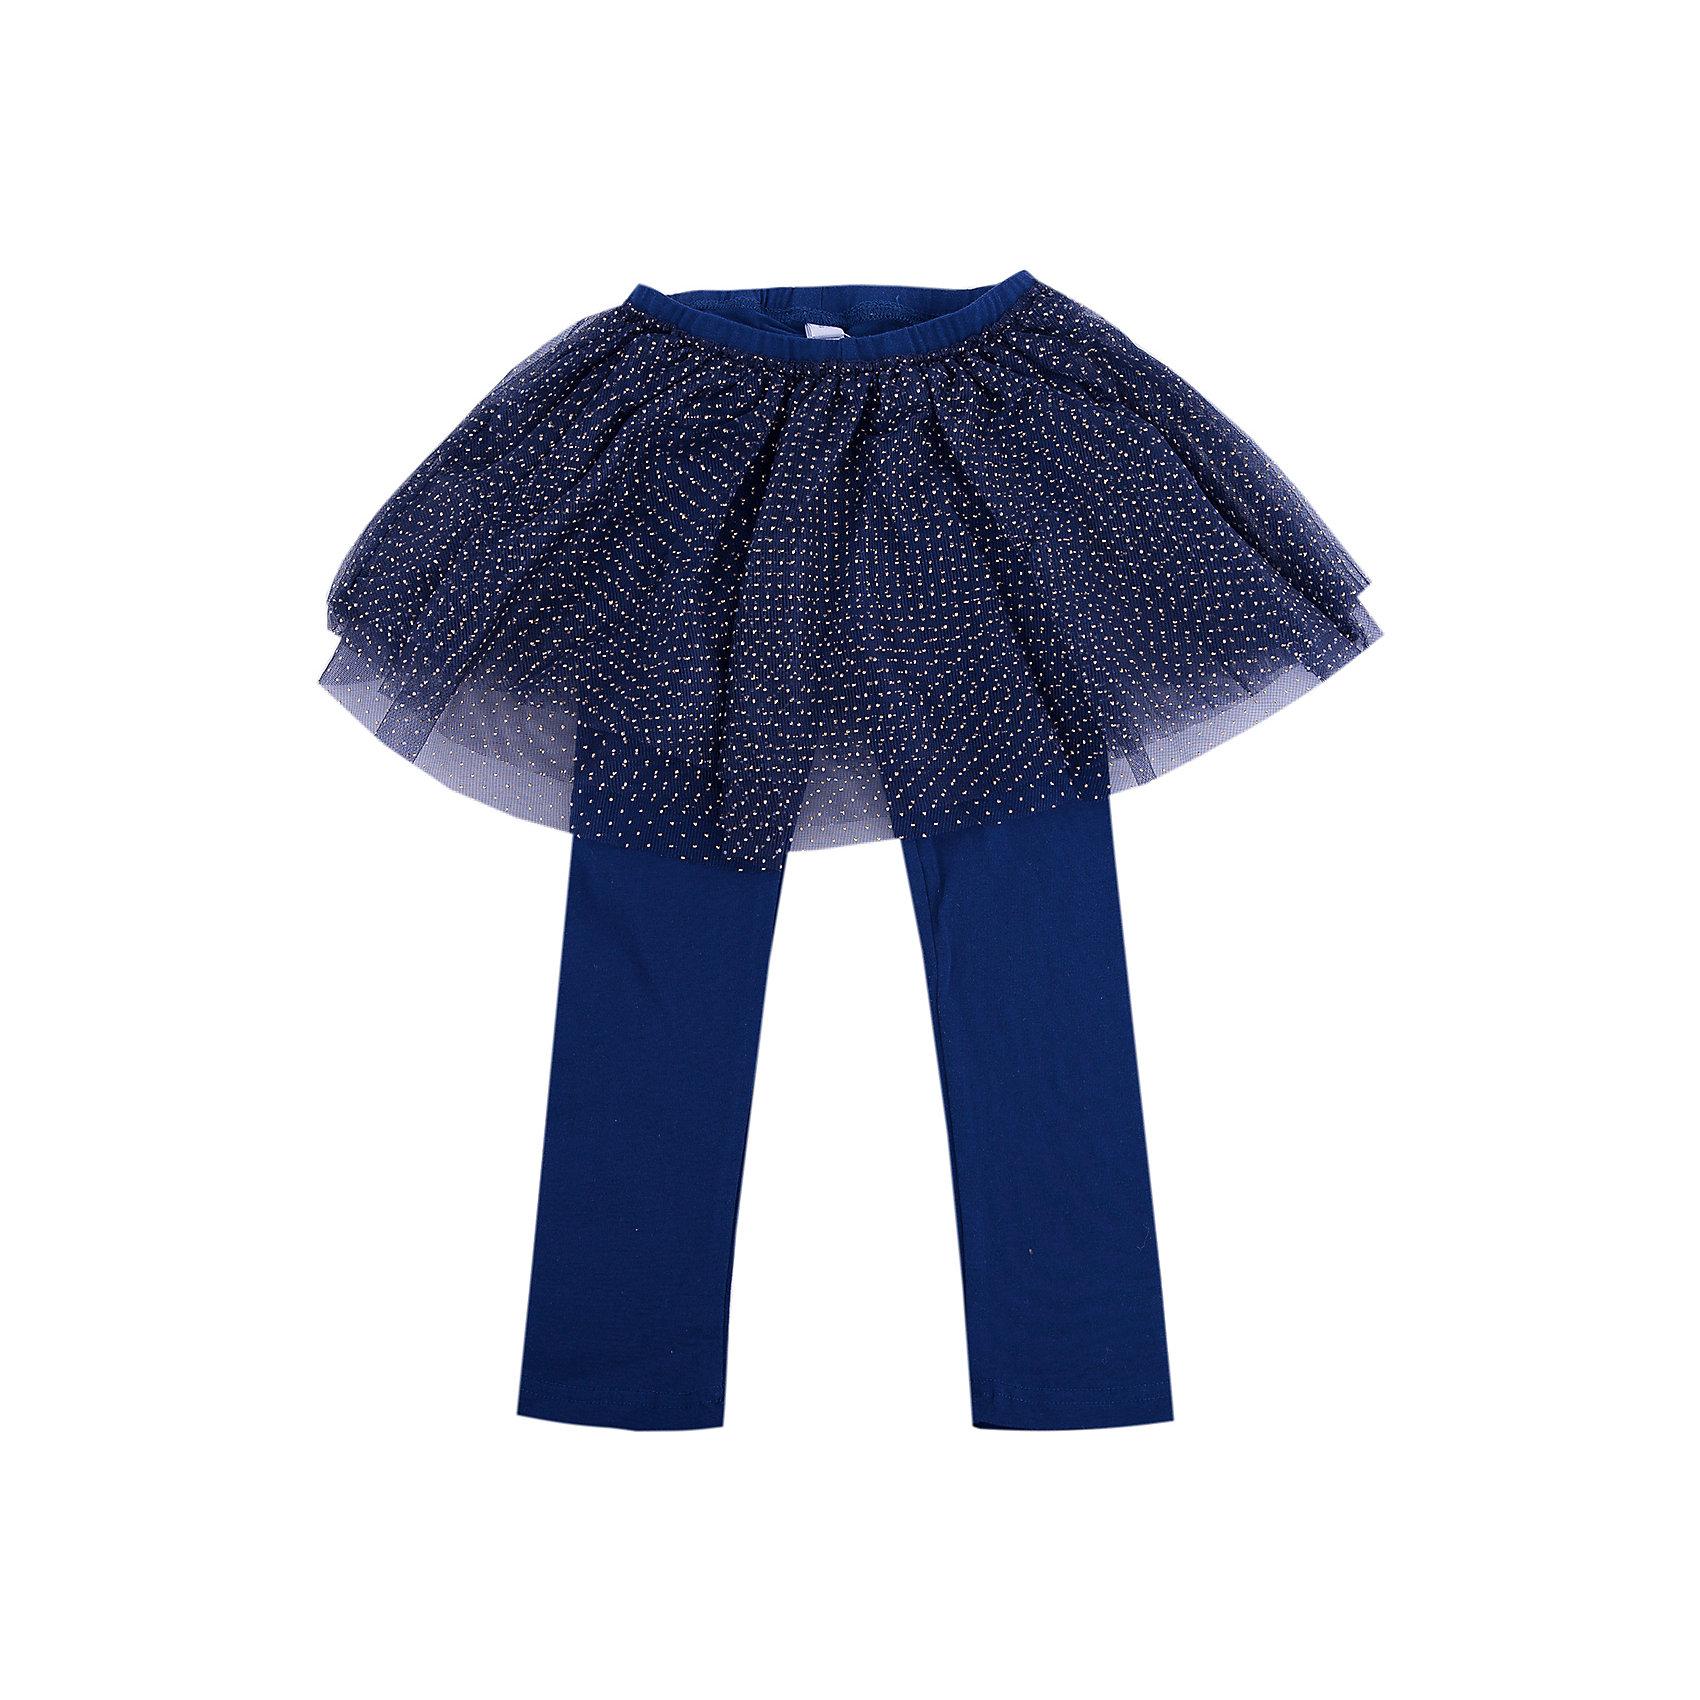 Брюки для девочки PlayTodayБрюки для девочки от известного бренда PlayToday.<br>Стильные леггинсы с юбкой - универсальная модель, фишка коллекции. Пышная сетчатая юбка придает легкости и воздушности, золотые капельки создают космический эффект. Пояс на мягкой резинке.<br>Состав:<br>95% хлопок, 5% эластан; отделка 100% полиэстер<br><br>Ширина мм: 157<br>Глубина мм: 13<br>Высота мм: 119<br>Вес г: 200<br>Цвет: полуночно-синий<br>Возраст от месяцев: 12<br>Возраст до месяцев: 18<br>Пол: Женский<br>Возраст: Детский<br>Размер: 86,92,74,80<br>SKU: 4900685